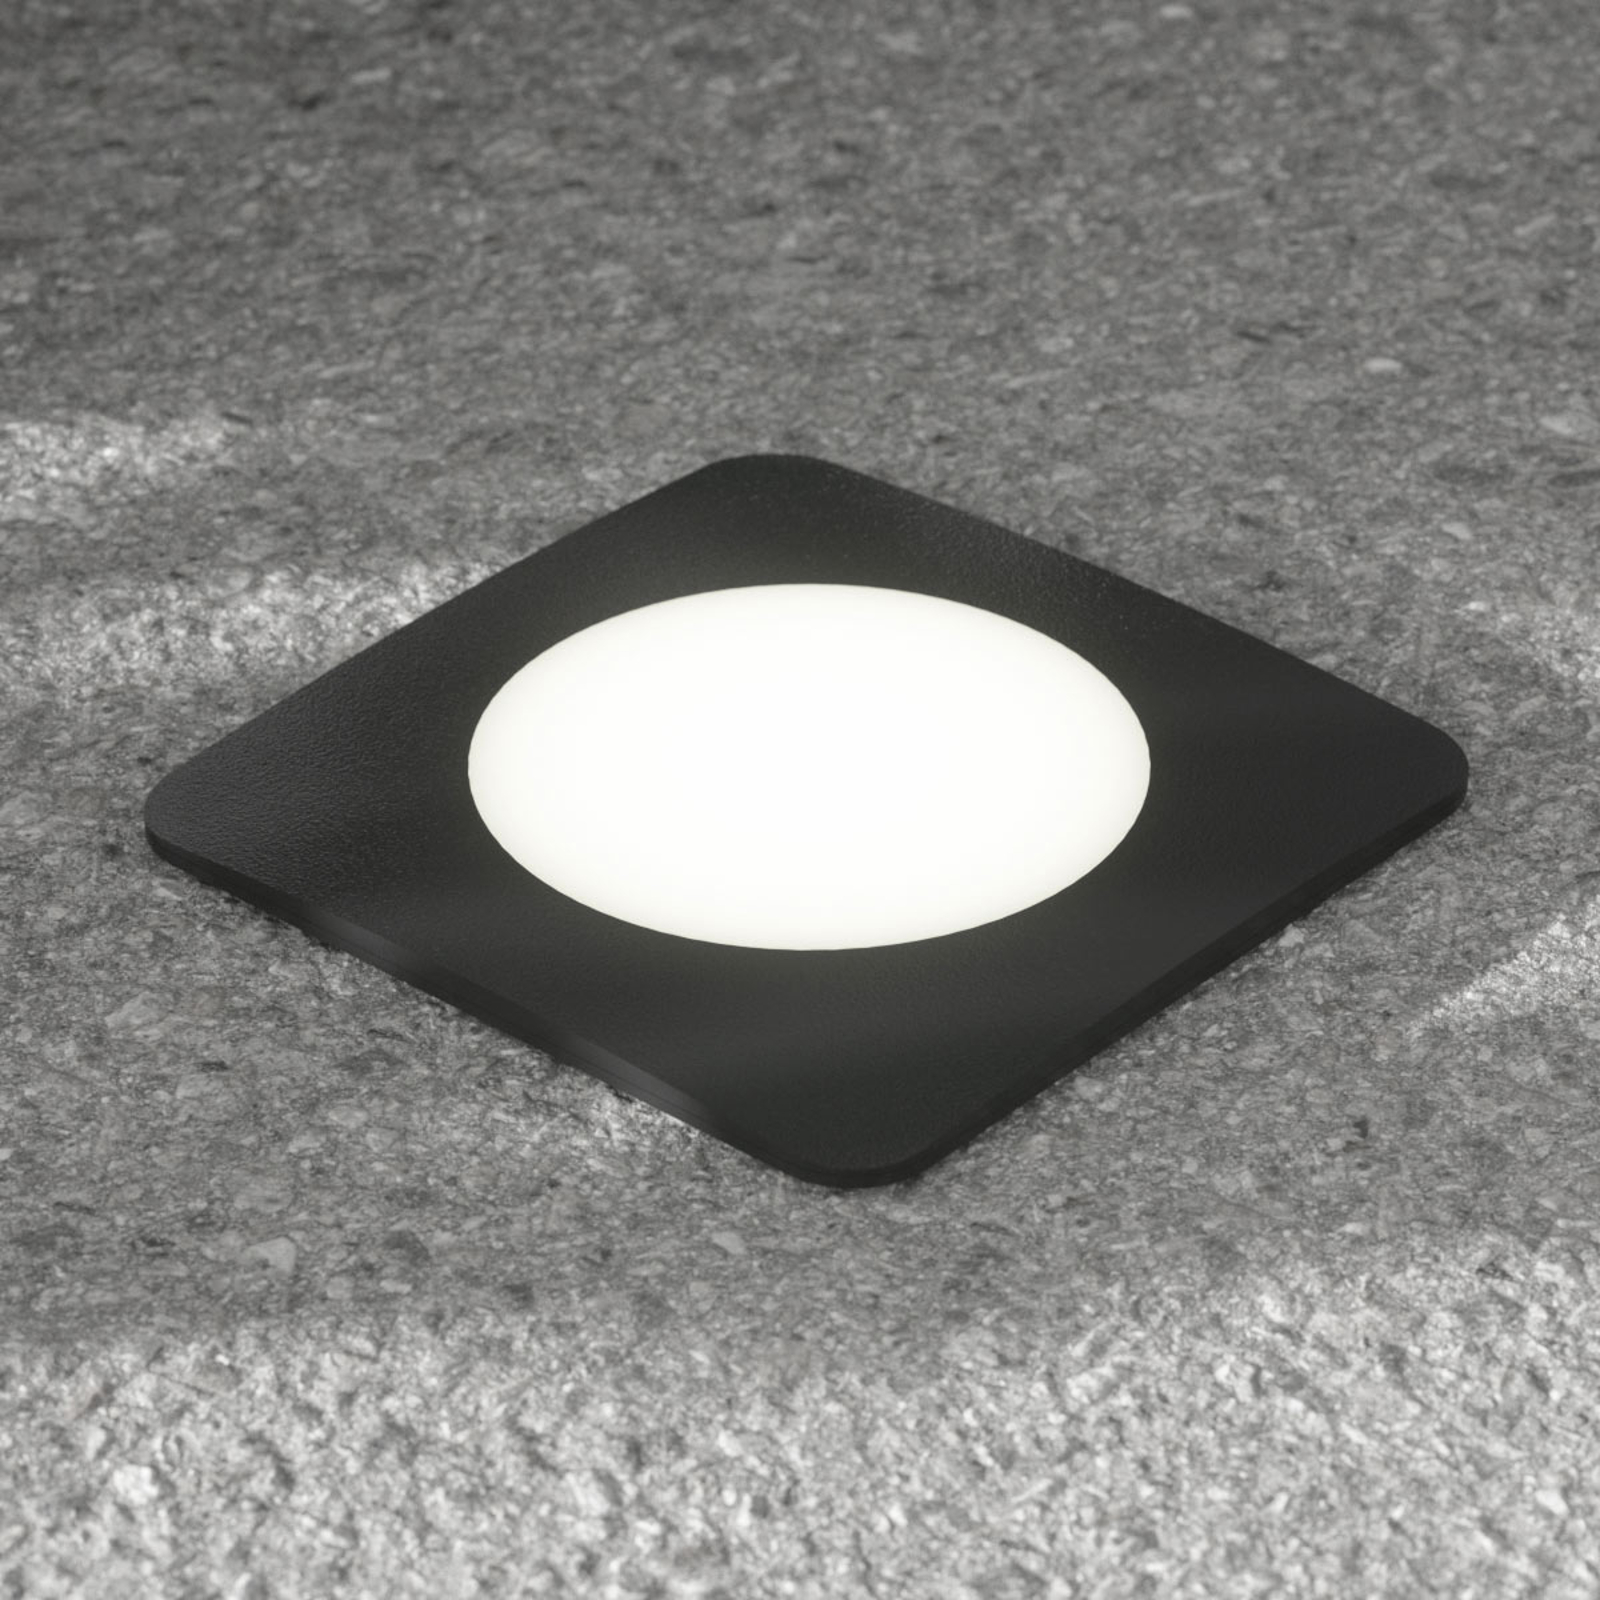 LED-bakkespot Ceci 160-SQ svart CCT